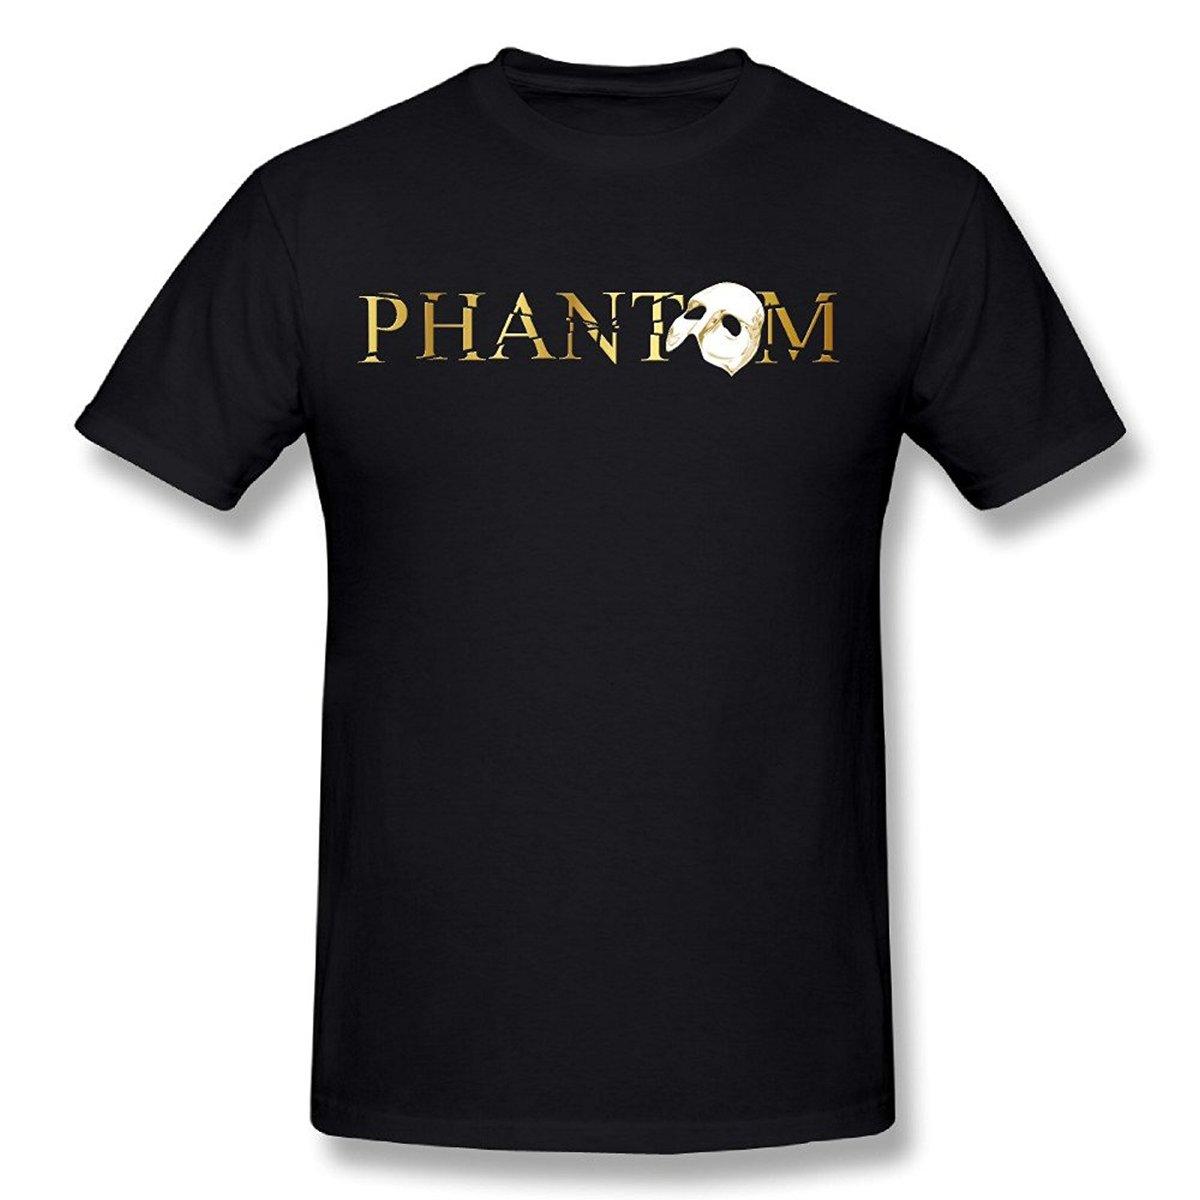 O Fantasma da Ópera Broadway Show Musical dos homens T-Shirt Branco Tamanho S Para 3XL T Camisa Casual Manga Curta Luz TOP TEE